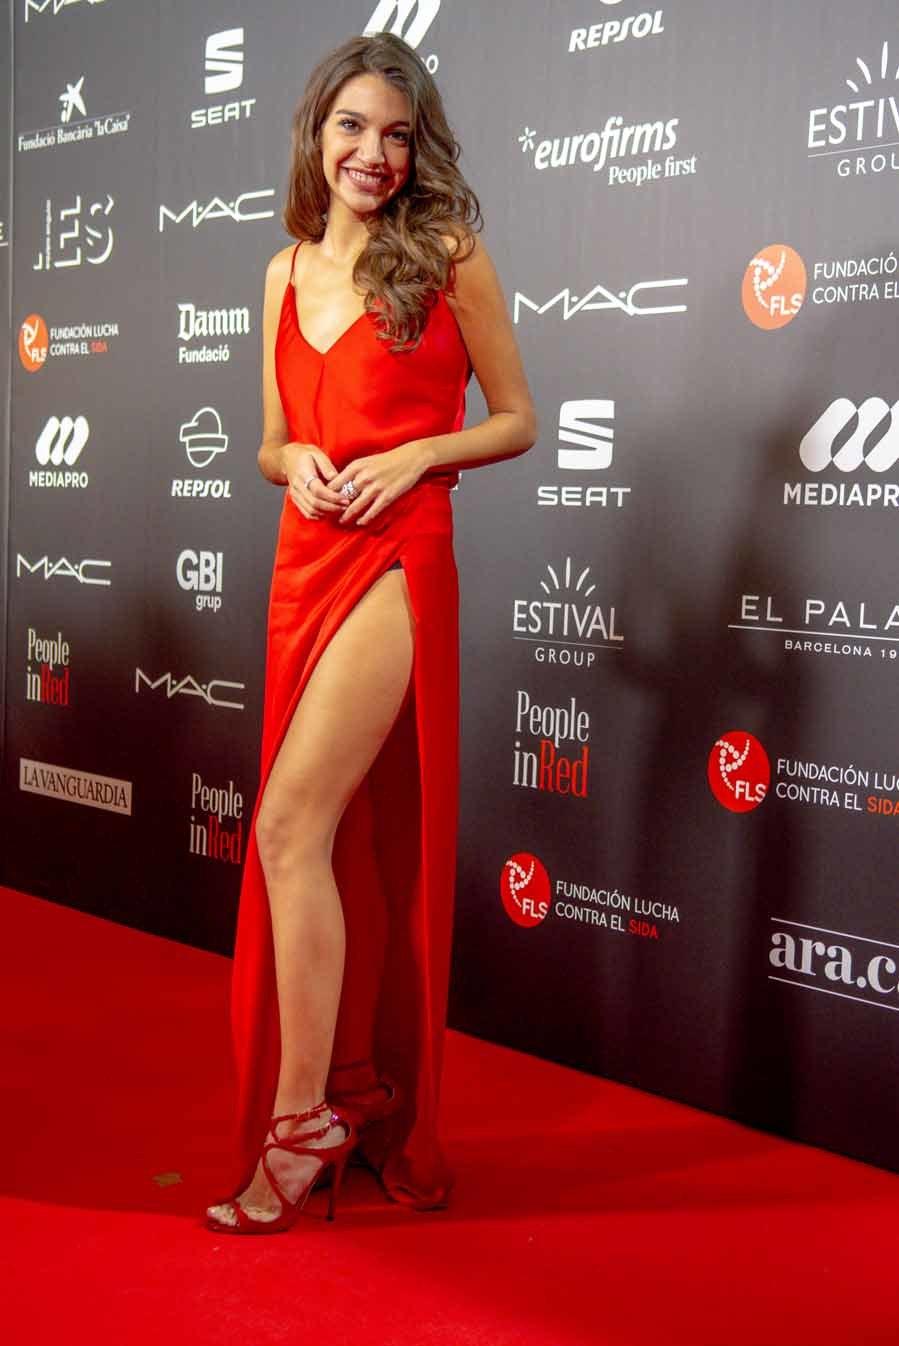 La cantante fue la más sexy de la alfombra roja, con este vestido...